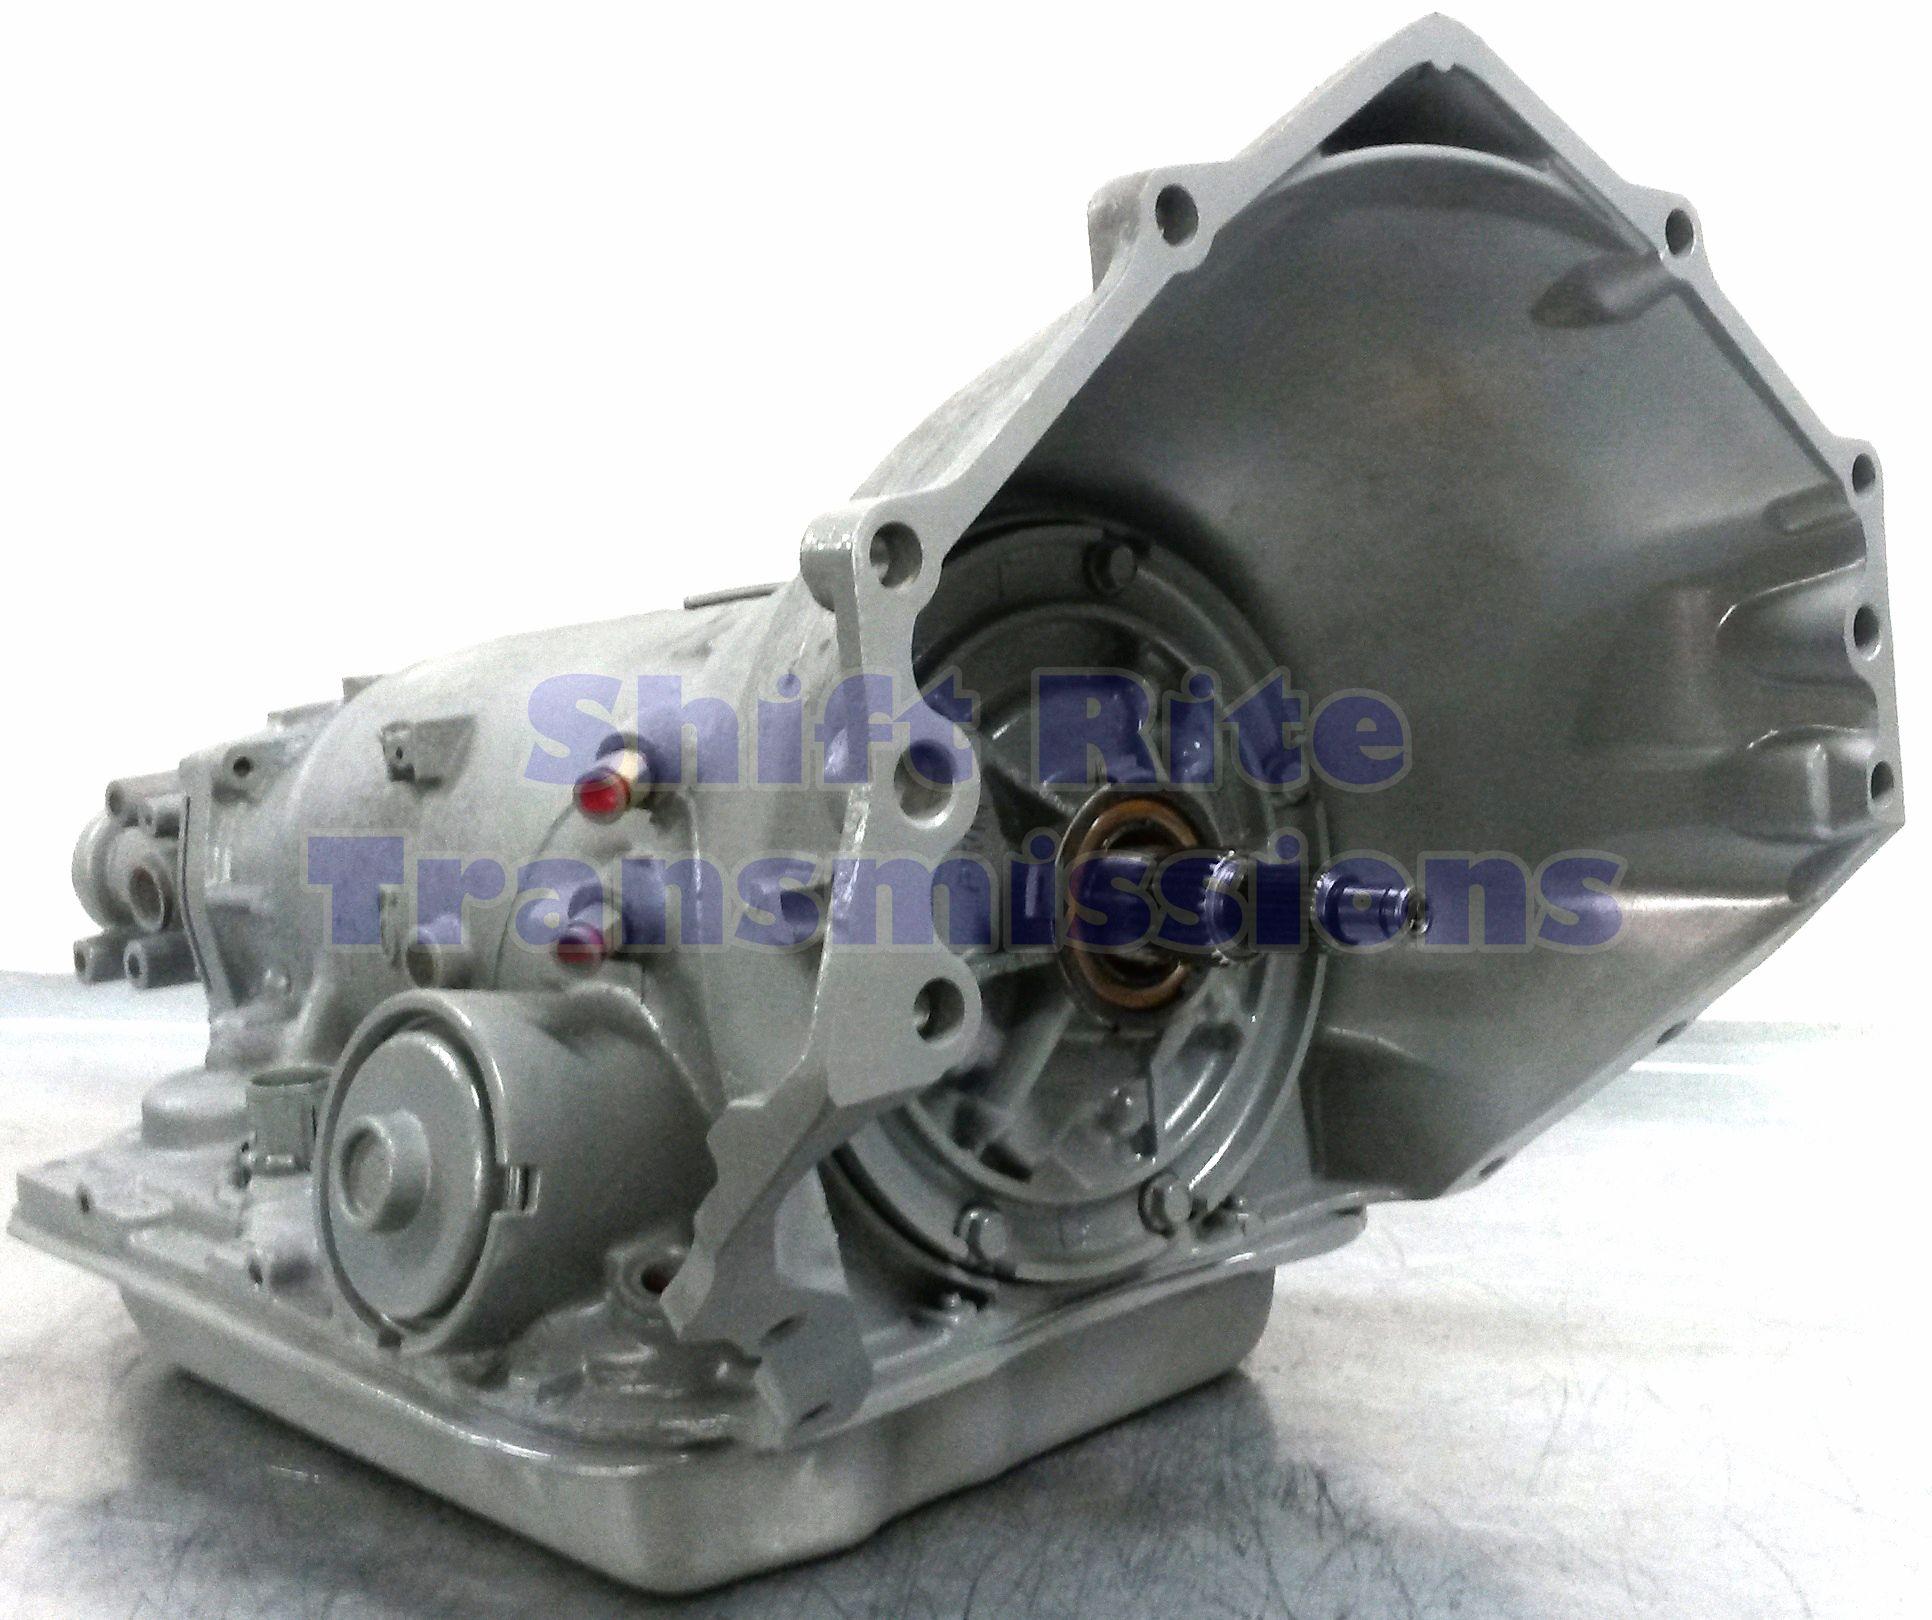 4L60E 1996-1997 4X4 TRANSMISSION 5.7L 5.0L 4.3L